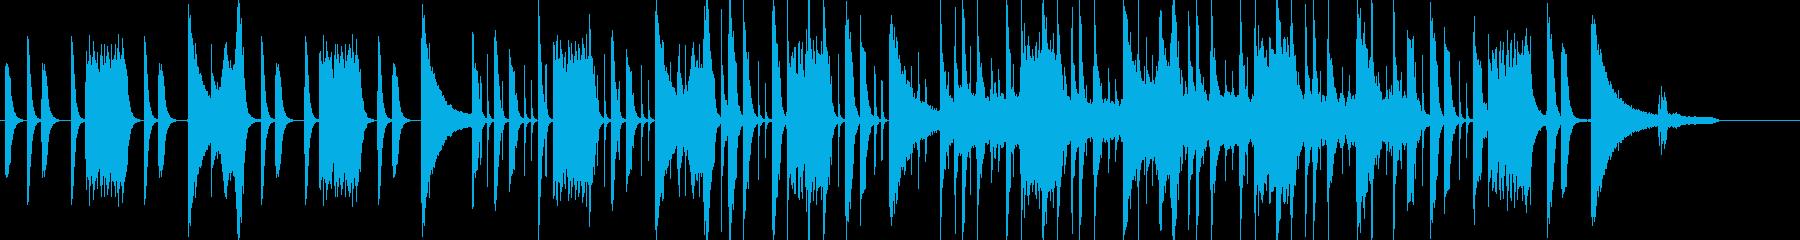 日常系の不思議な雰囲気のピアノポップの再生済みの波形